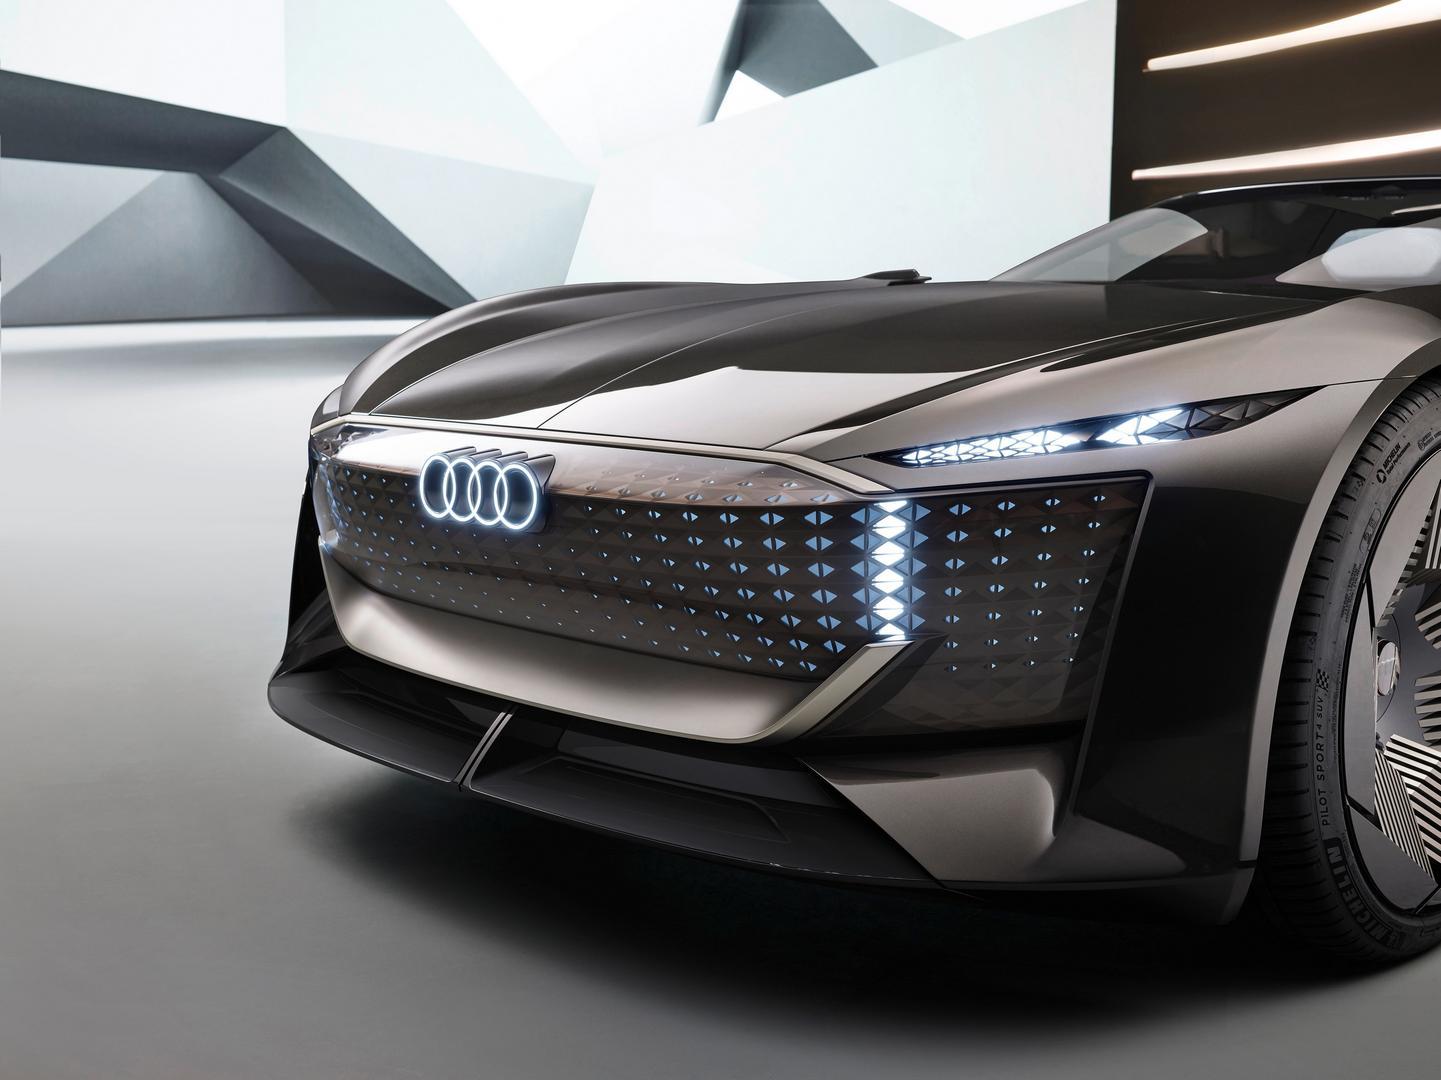 Audi skysphere lights